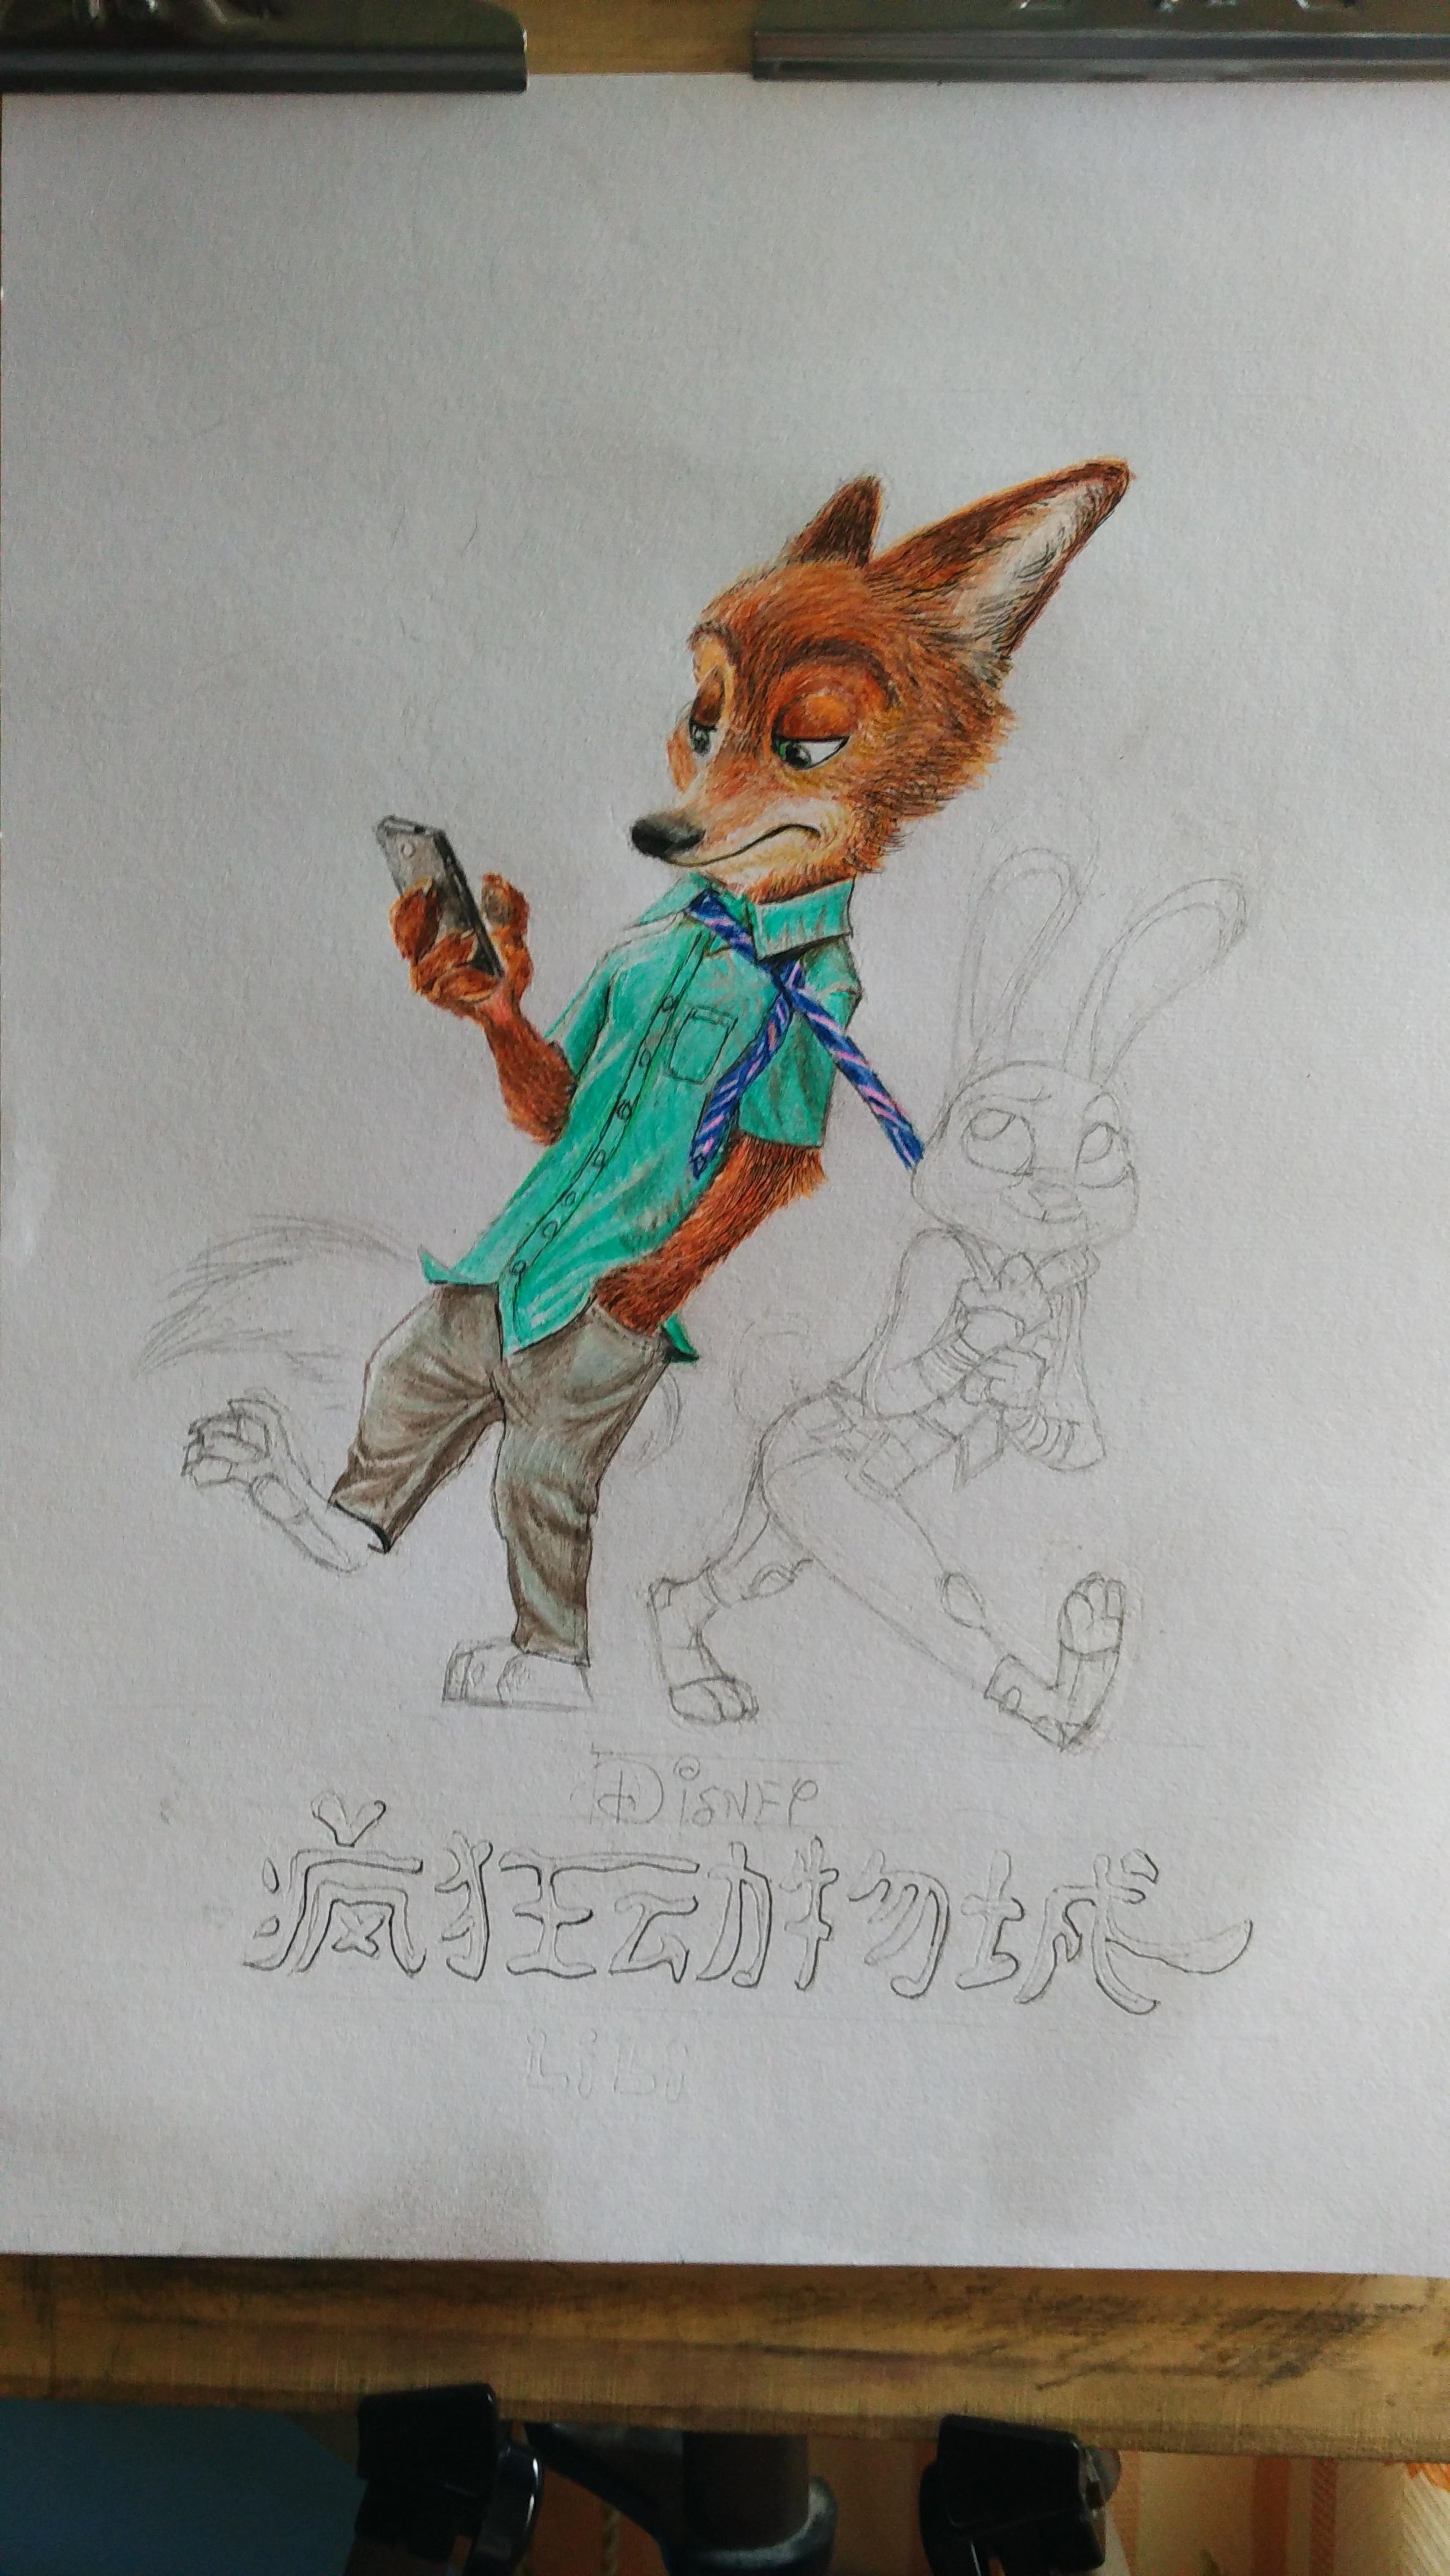 彩铅手绘 疯狂动物城